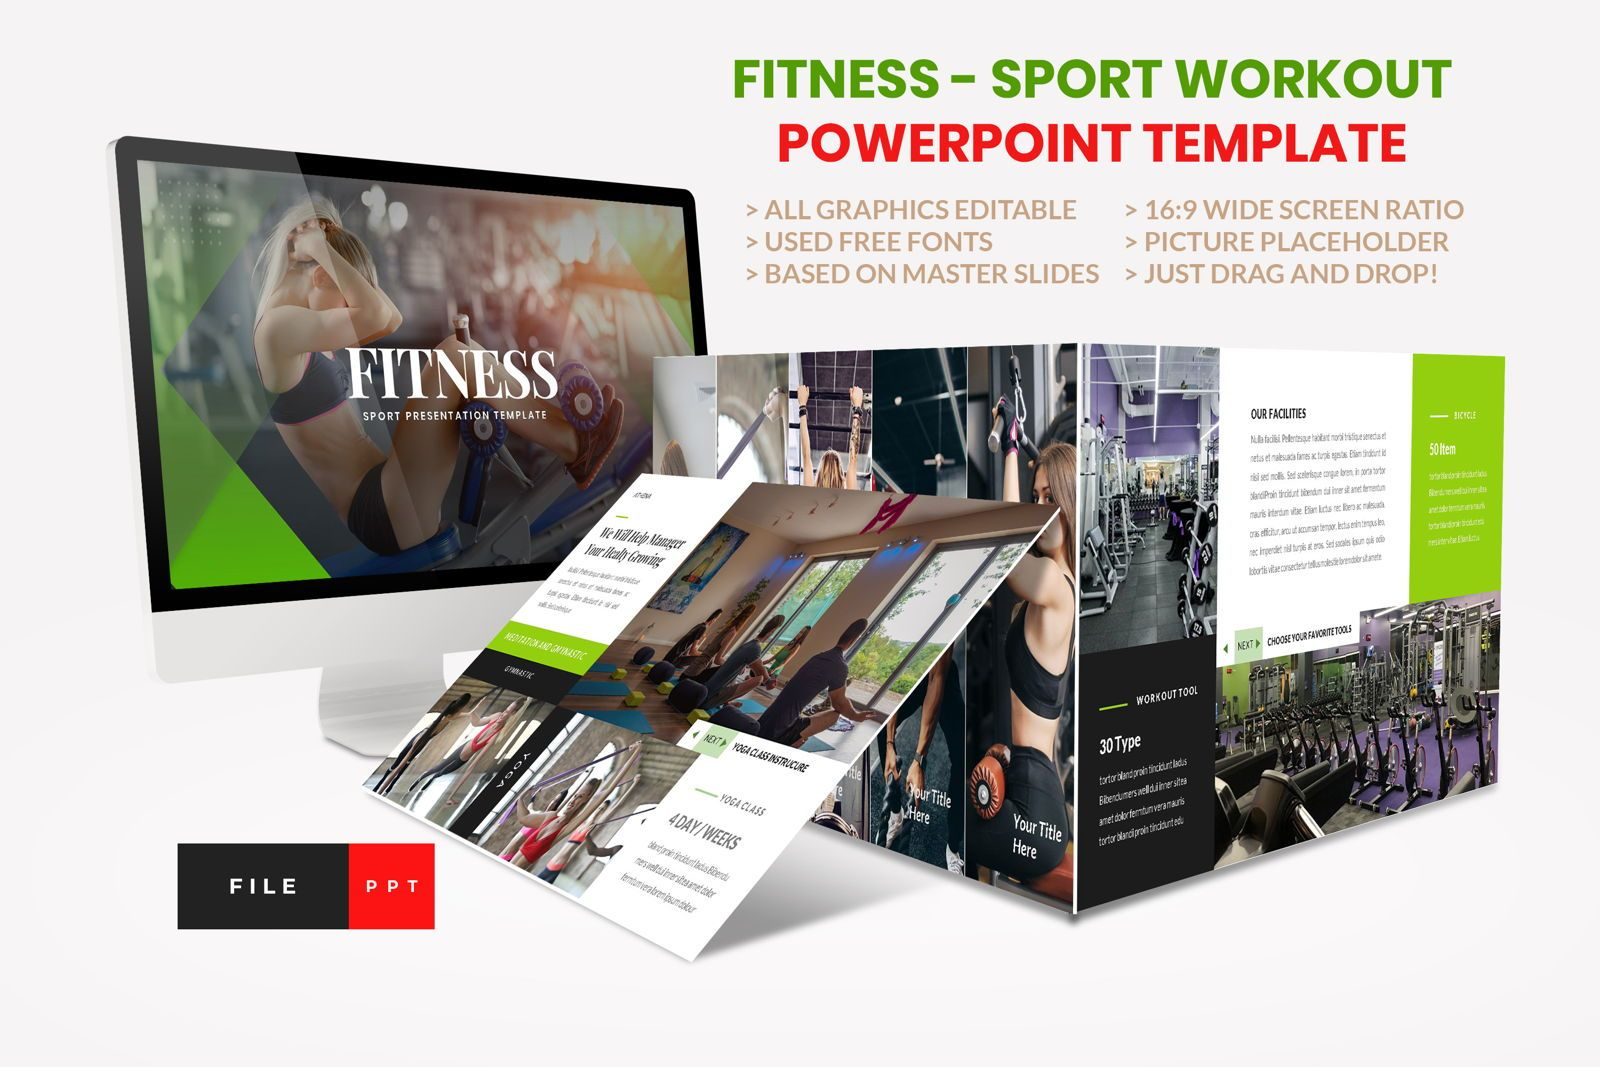 Sport - Fitness Business Workout PowerPoint Template, 08607, Presentation Templates — PoweredTemplate.com